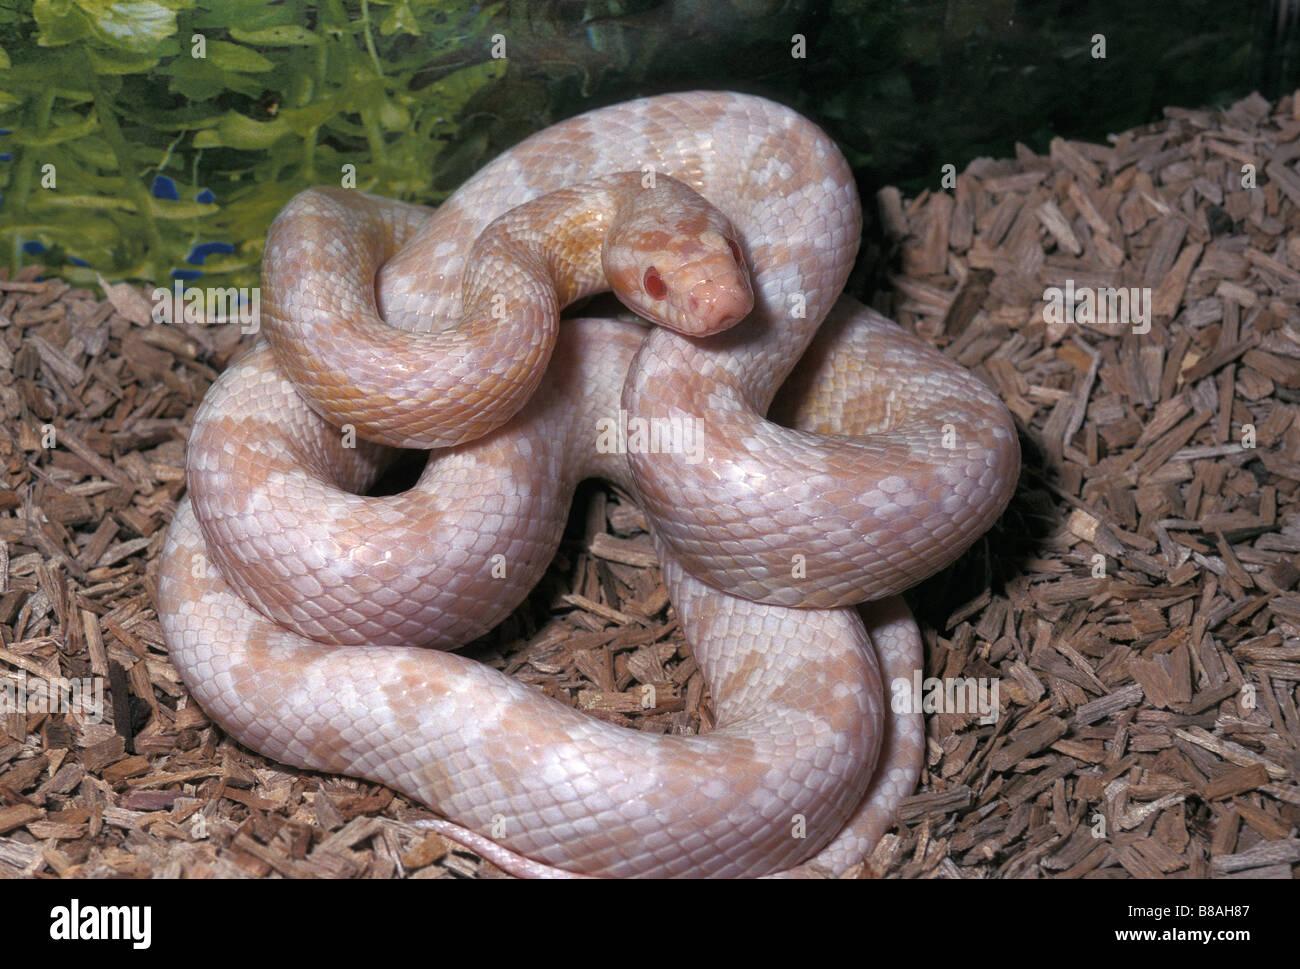 Corn Snake Elaphe guttata